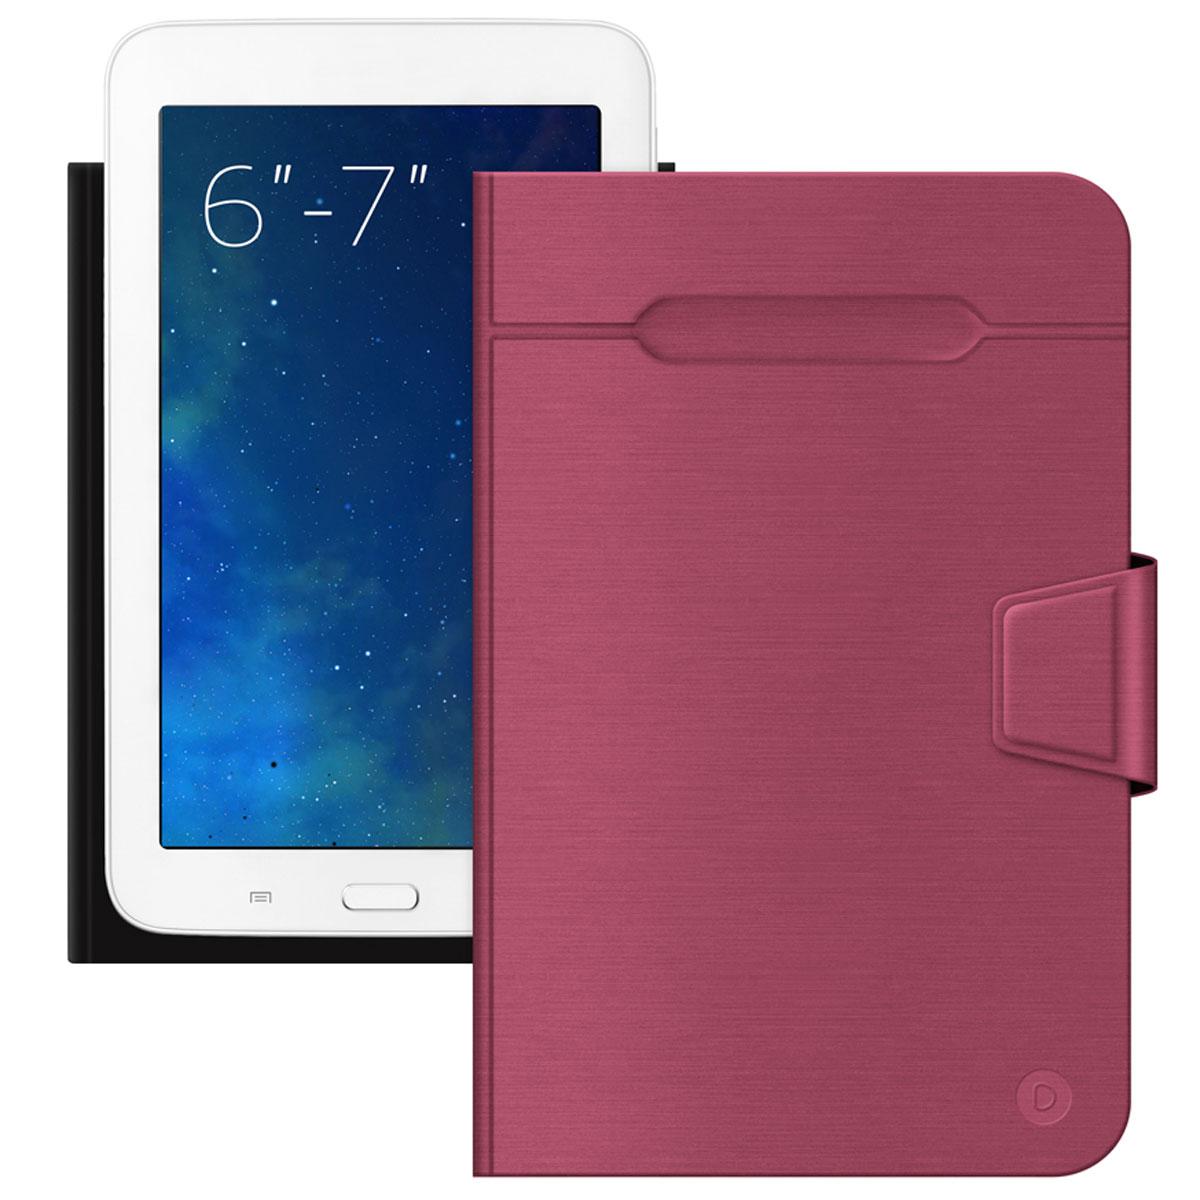 Deppa Wallet Fold чехол-подставка для планшетов и электронных книг 6''-7'', Red